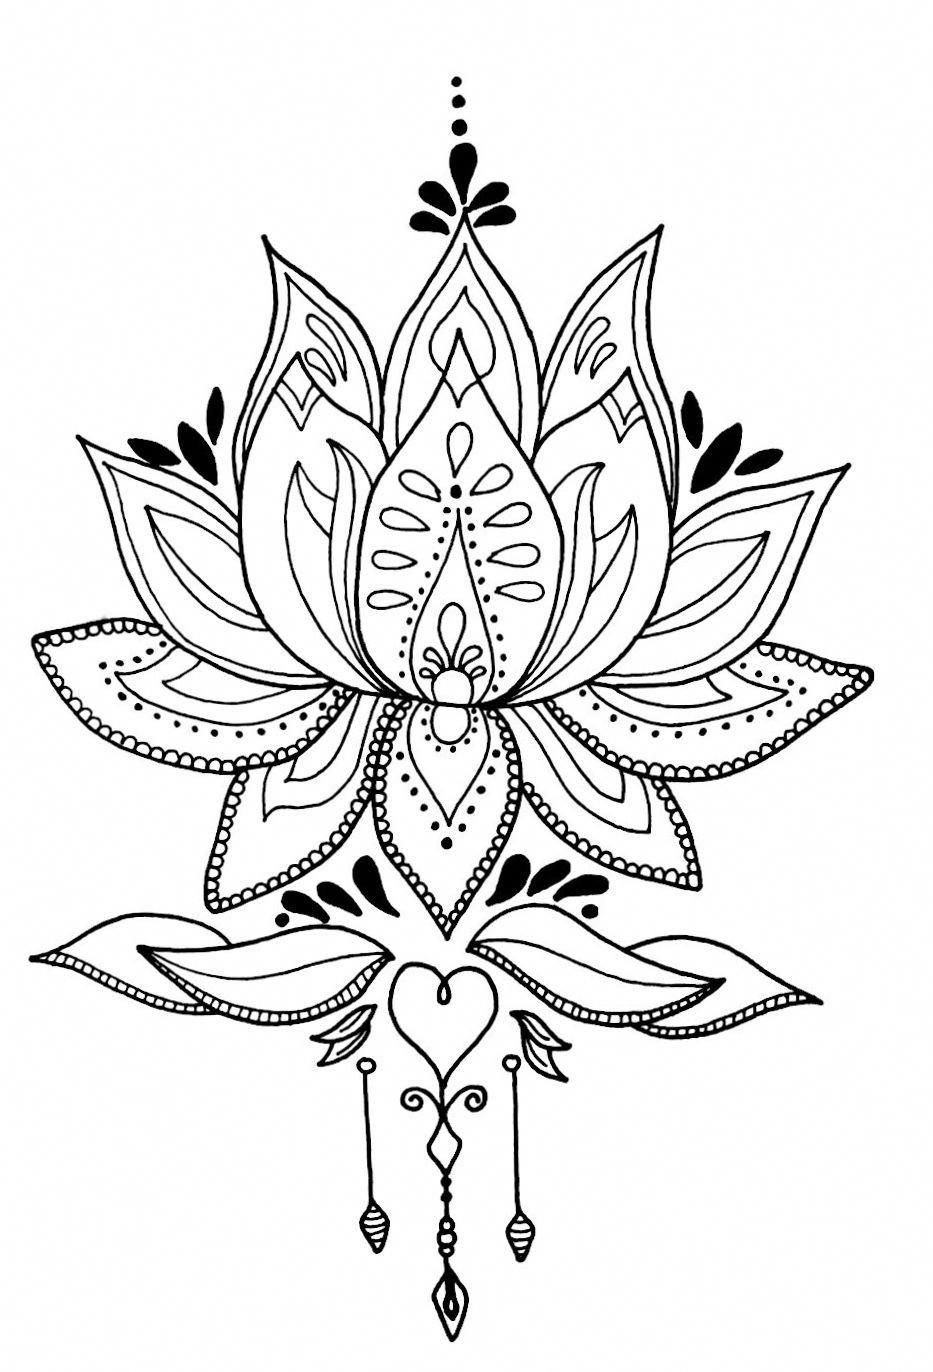 Flower Mandala Tattoo Outline